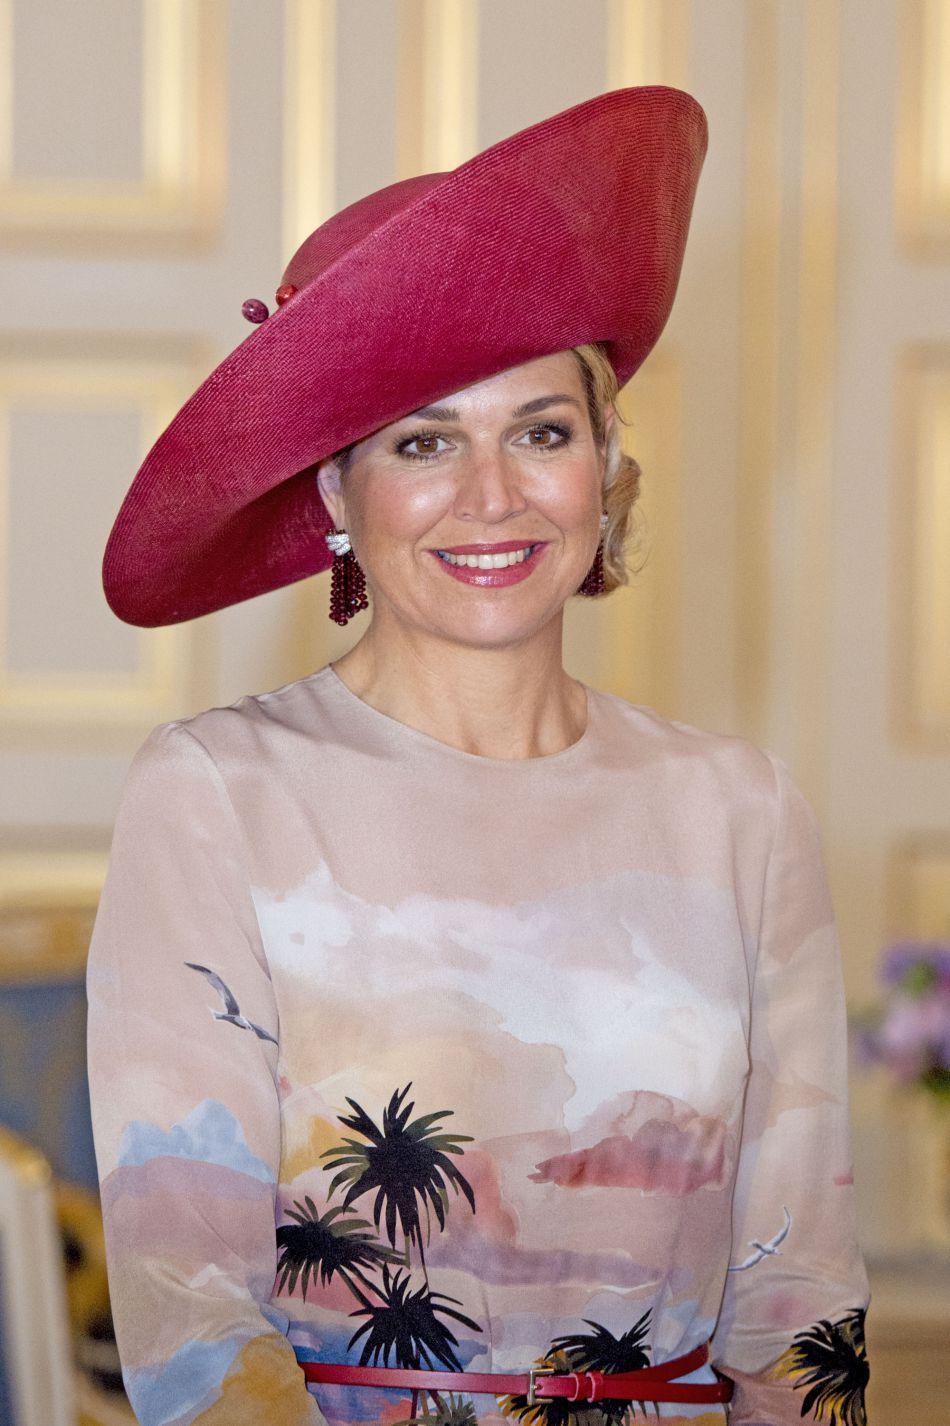 Le look est complété par une capeline XXL françoise.